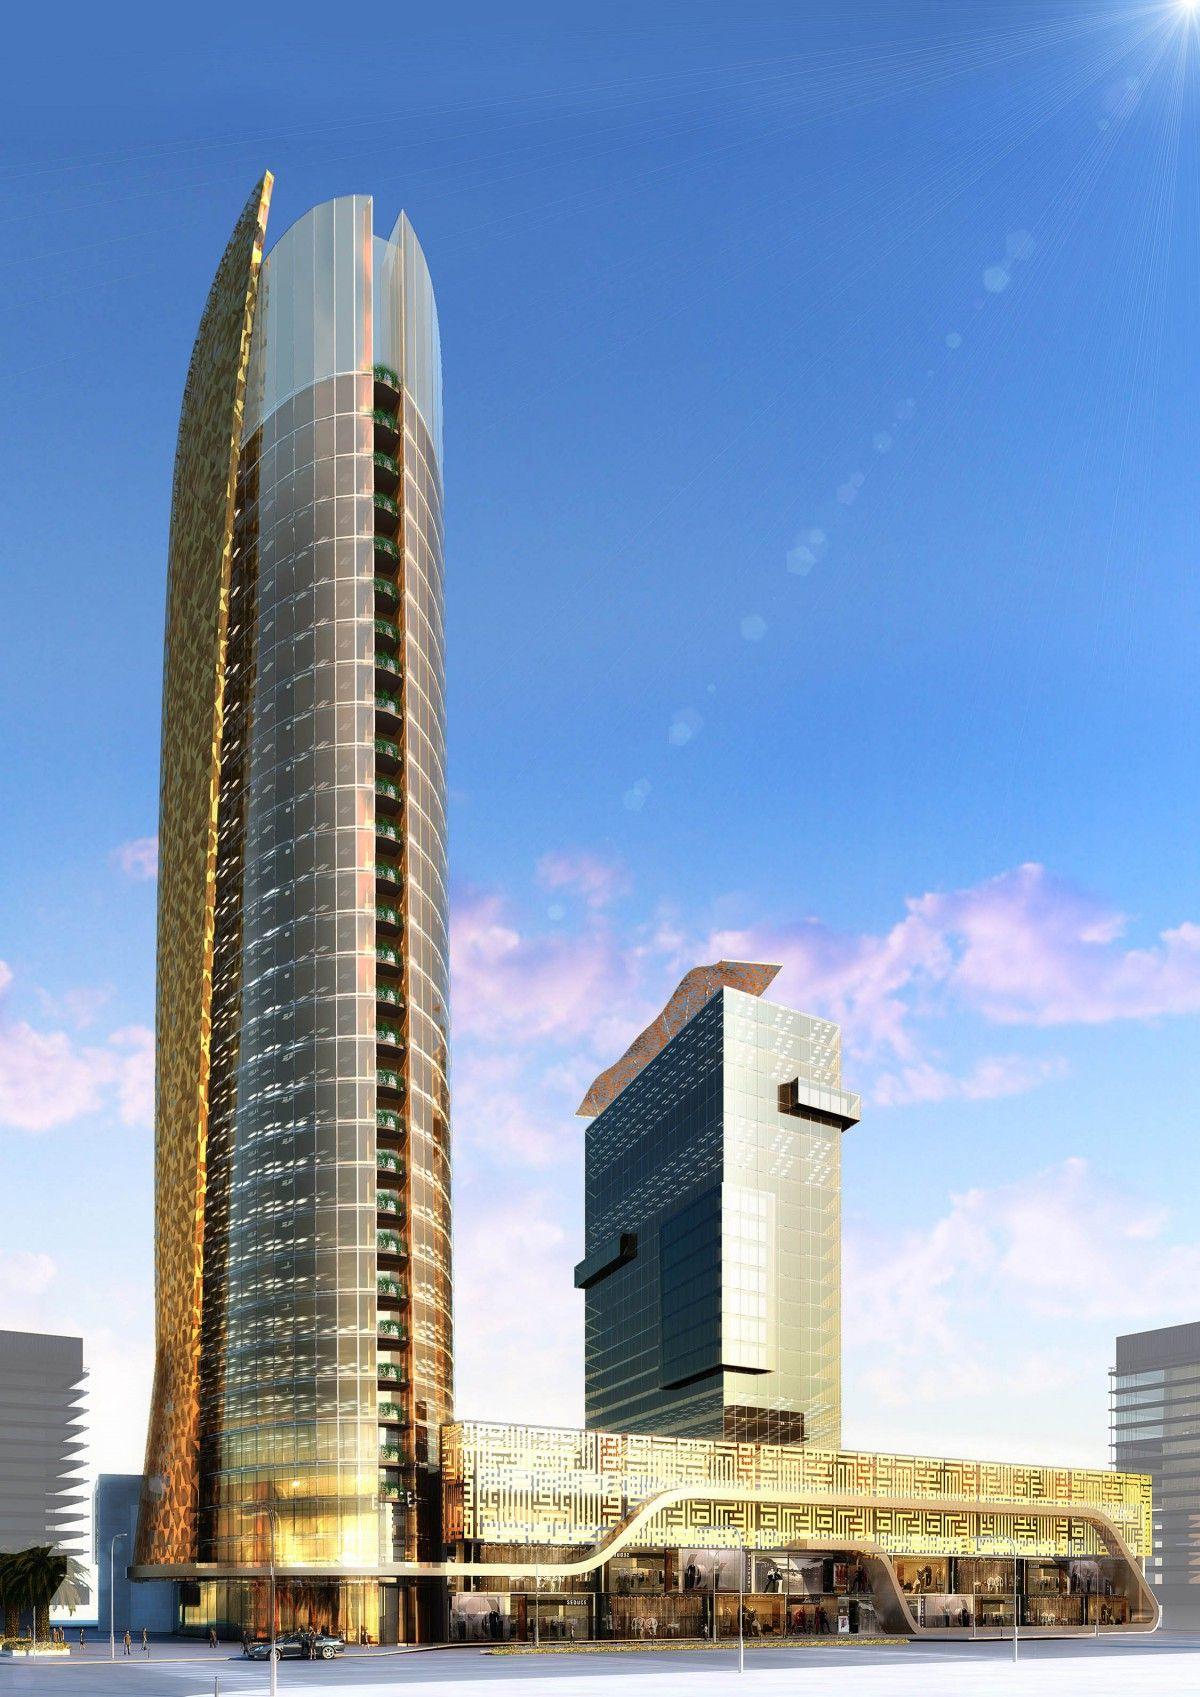 فندق وشقق فندقية الامير منصور متوقف الكورنيش الأوسط Future Buildings Jeddah Skyscraper